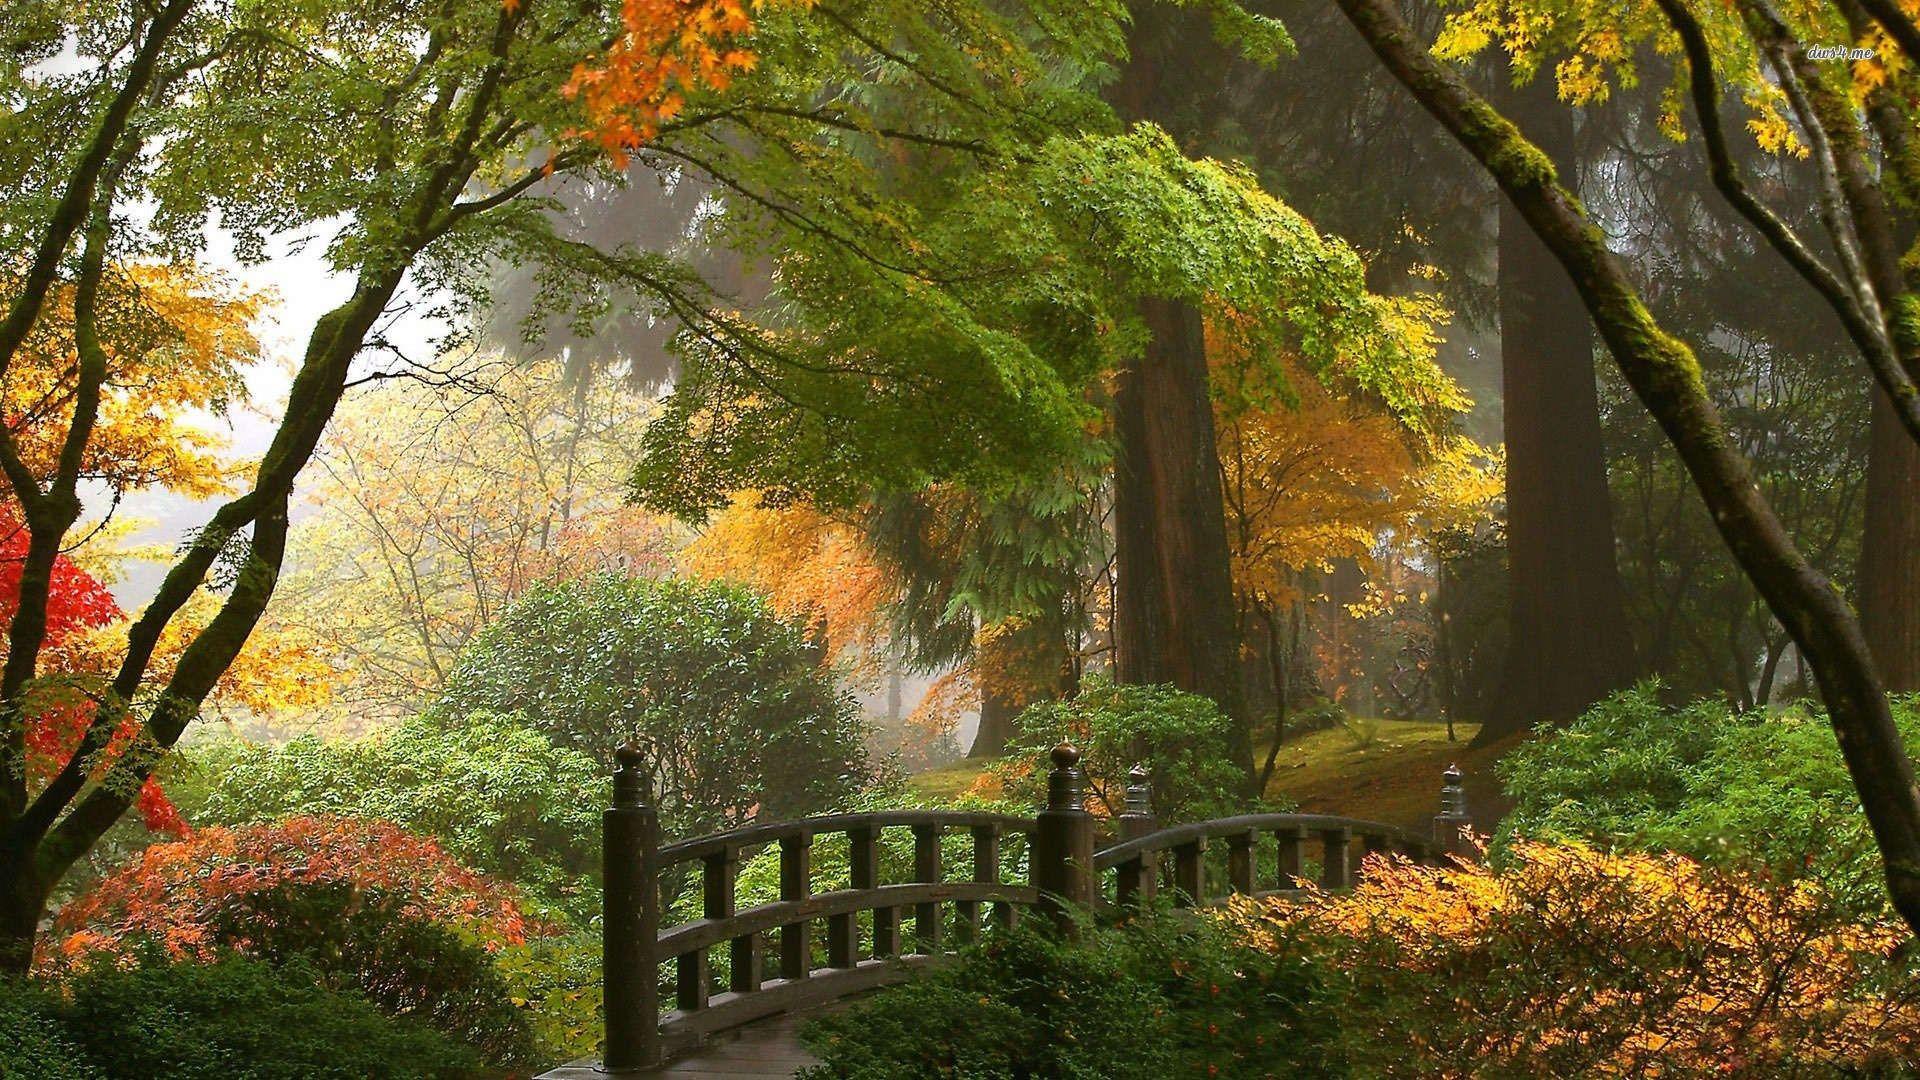 Japanese Garden Wallpaper Stunning 1920x1080 Nature